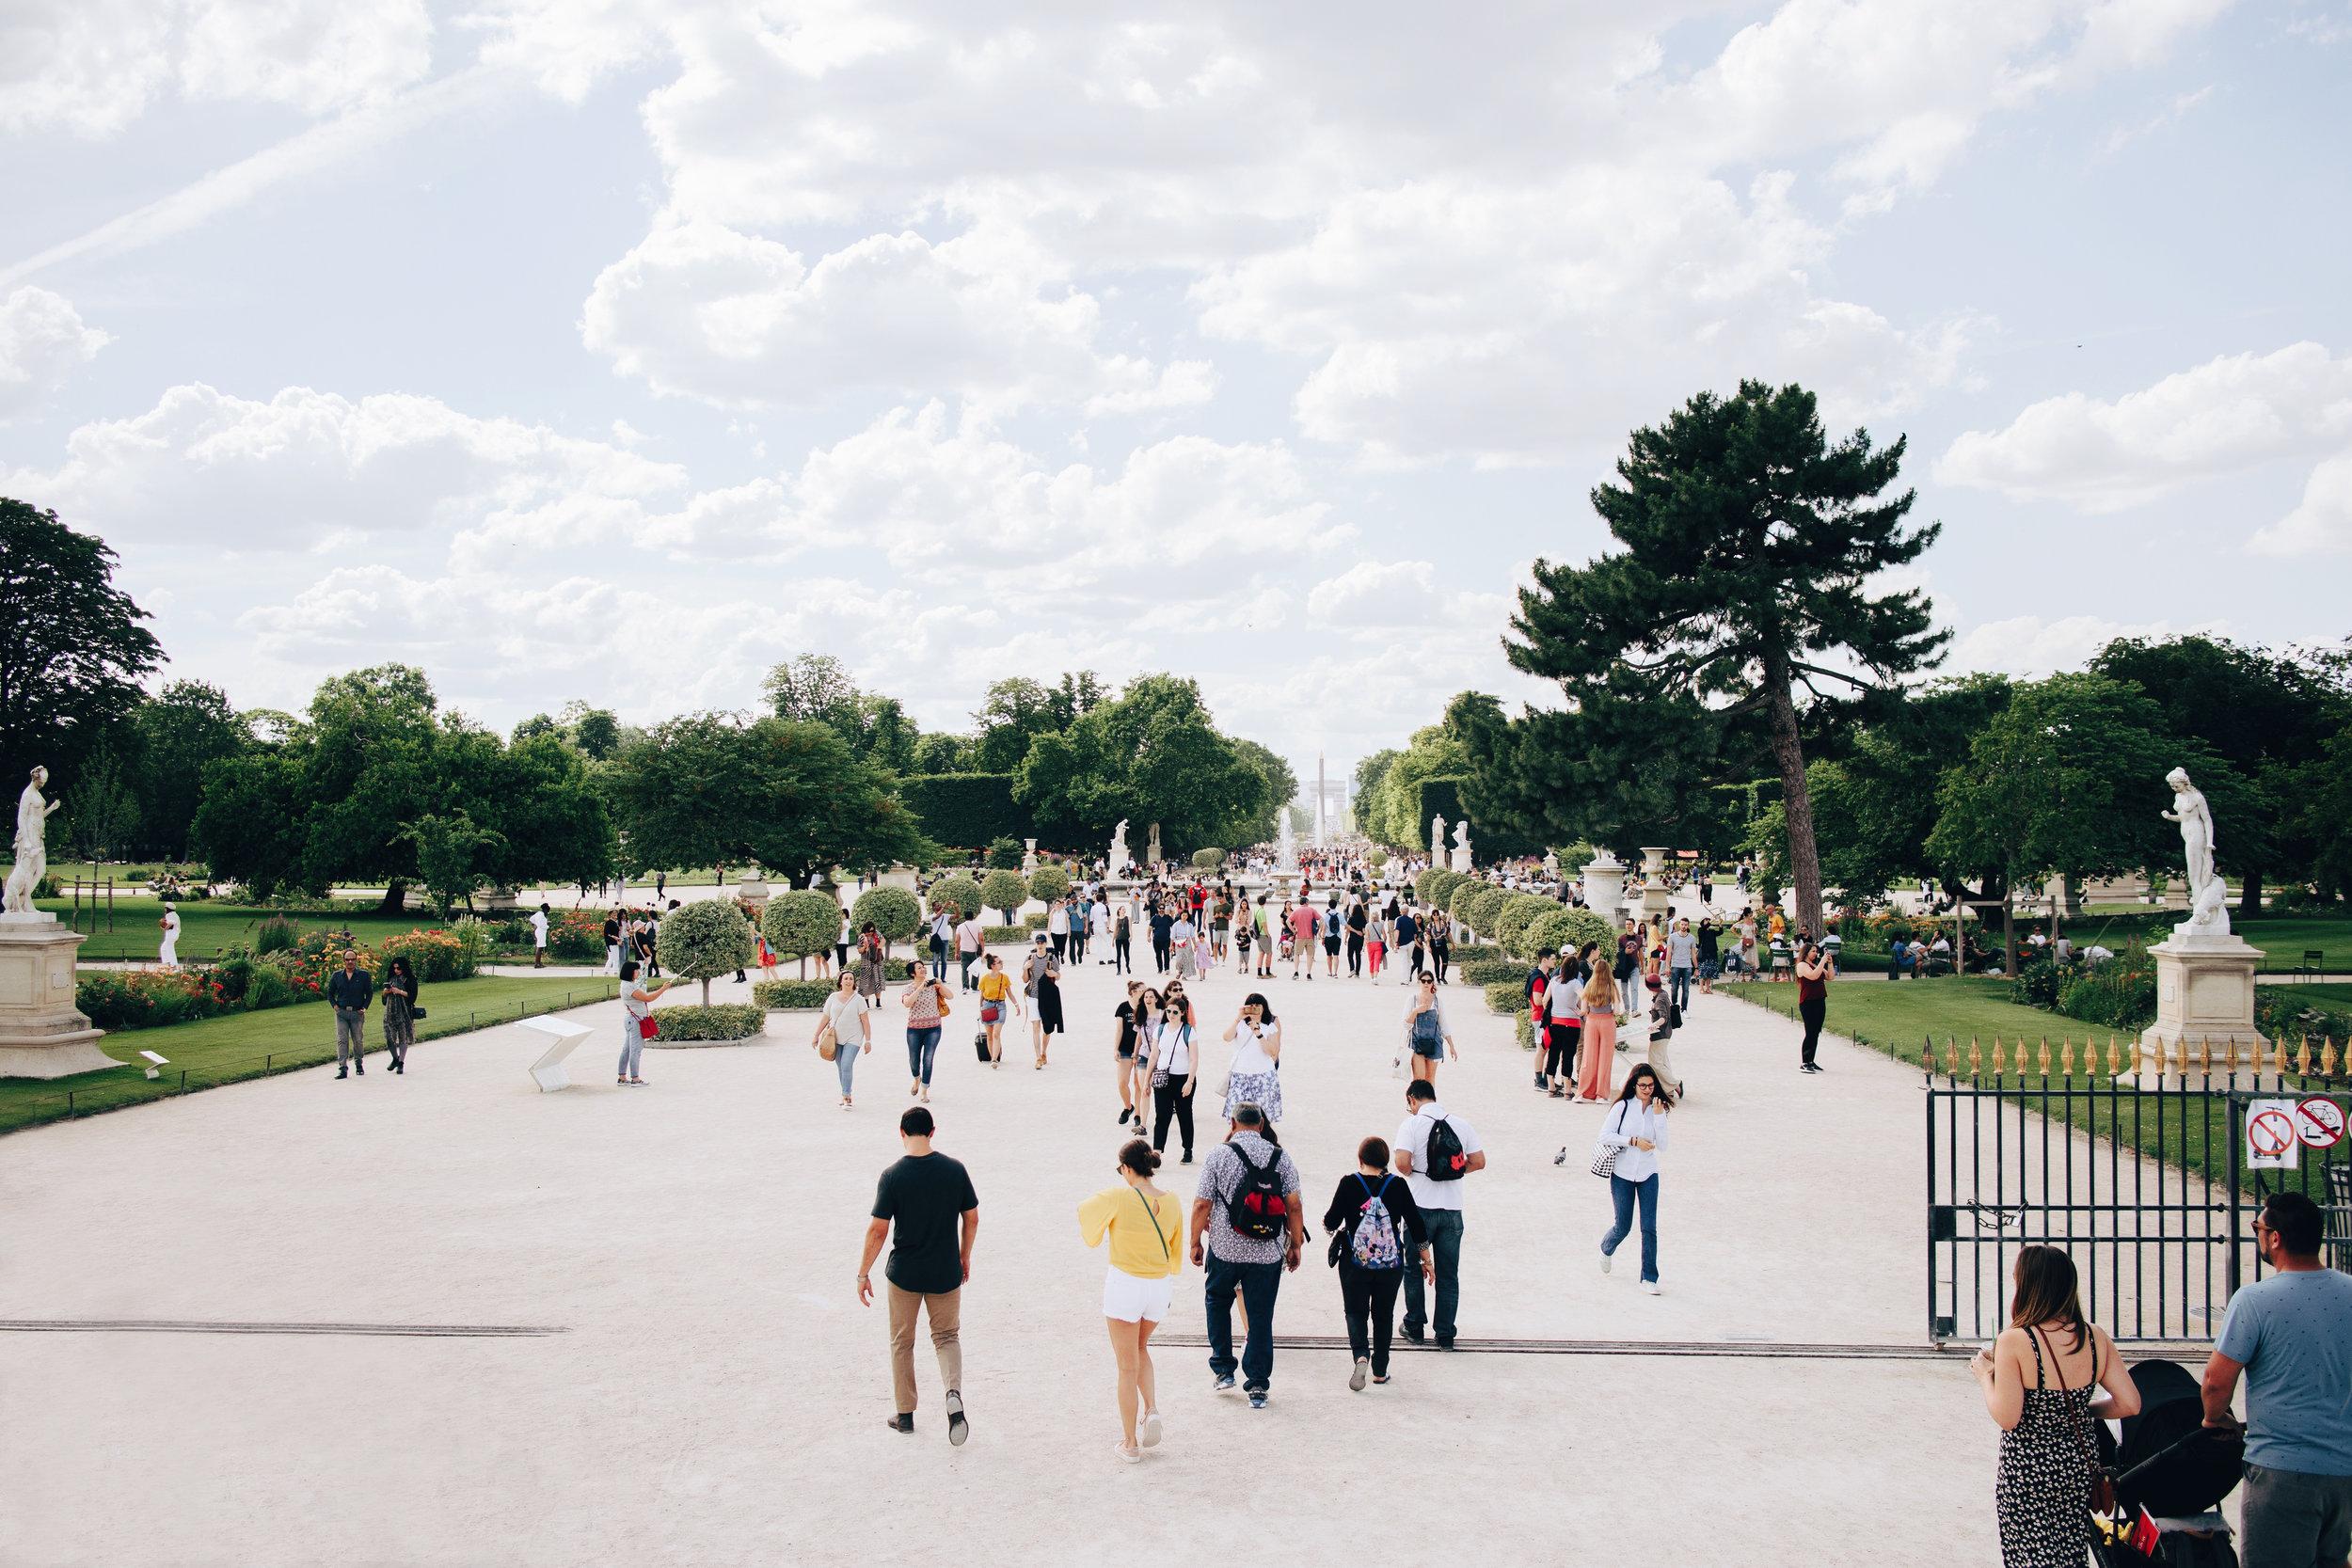 paris-travel-diary-5.jpg